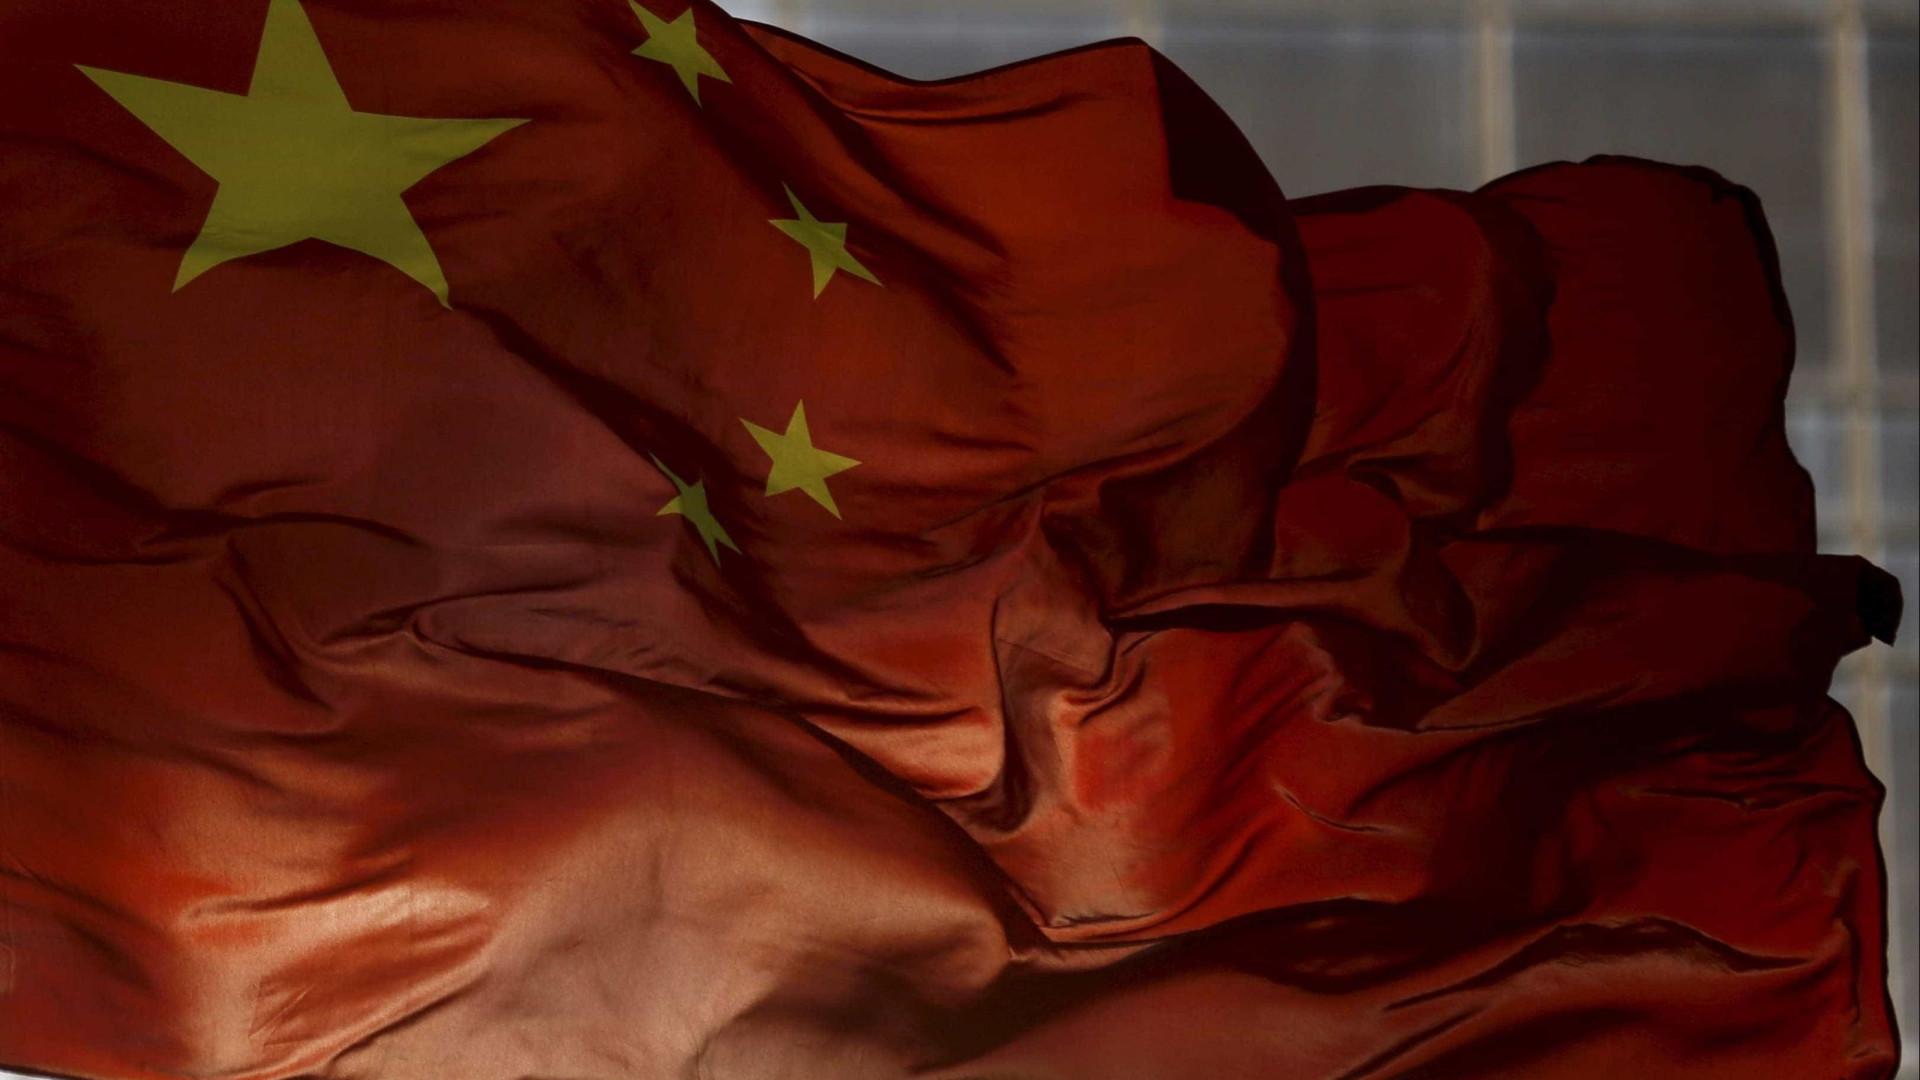 Tribunal chinês condena canadiano à morte num caso de tráfico de drogas